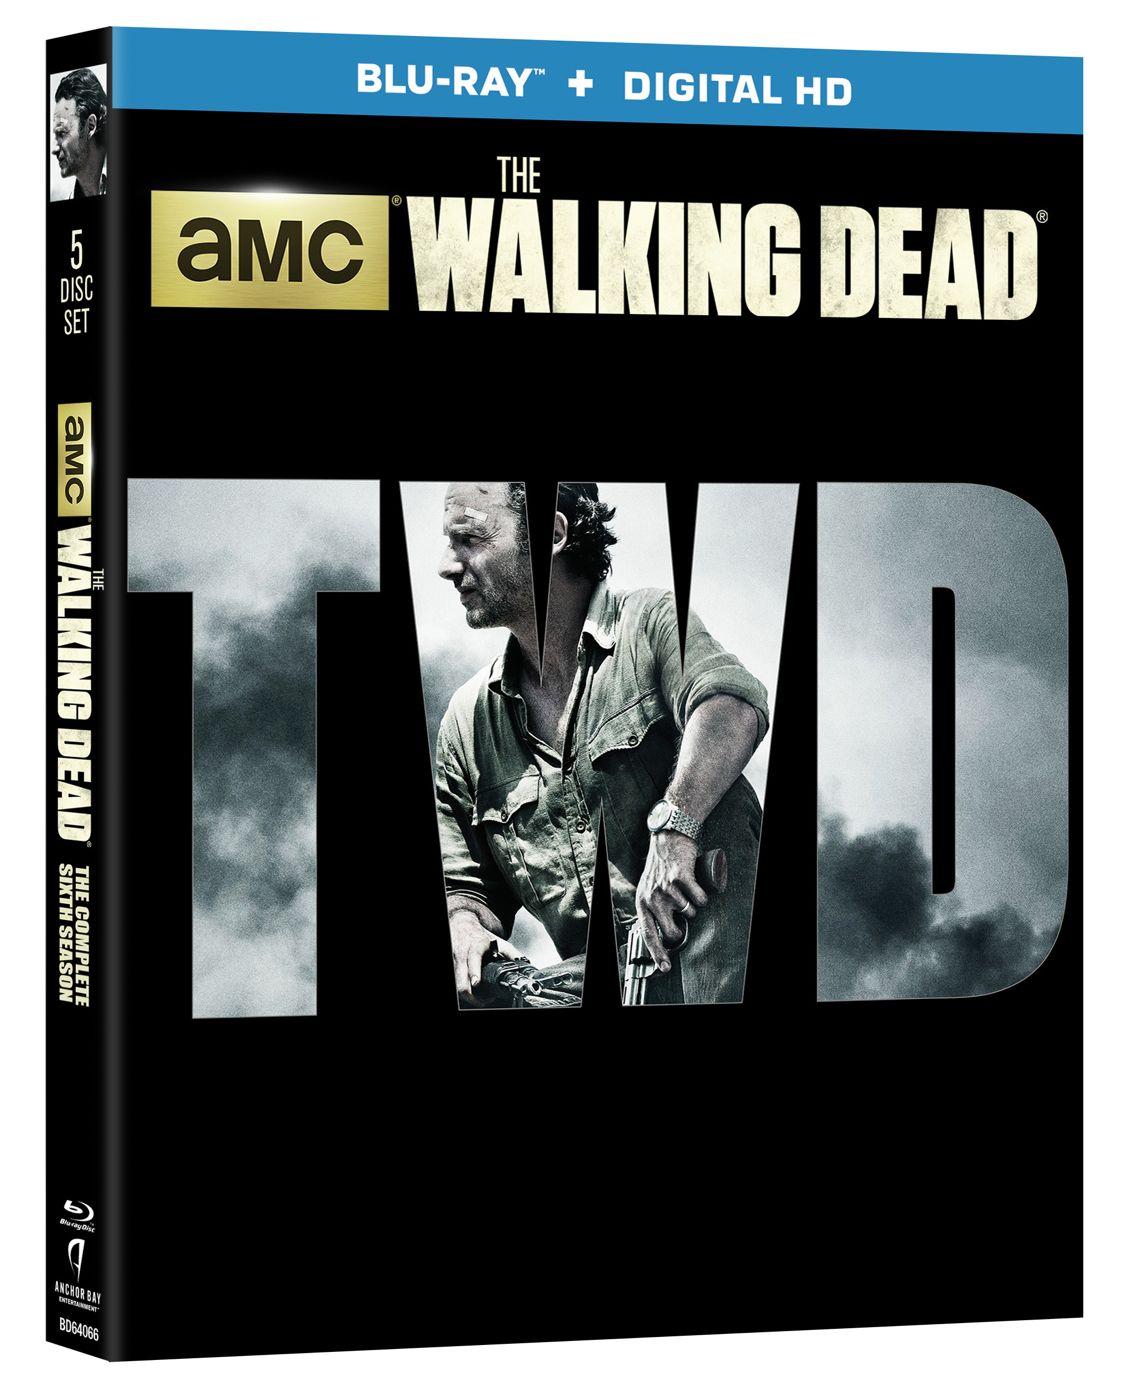 The Walking Dead Season 6 Bluray